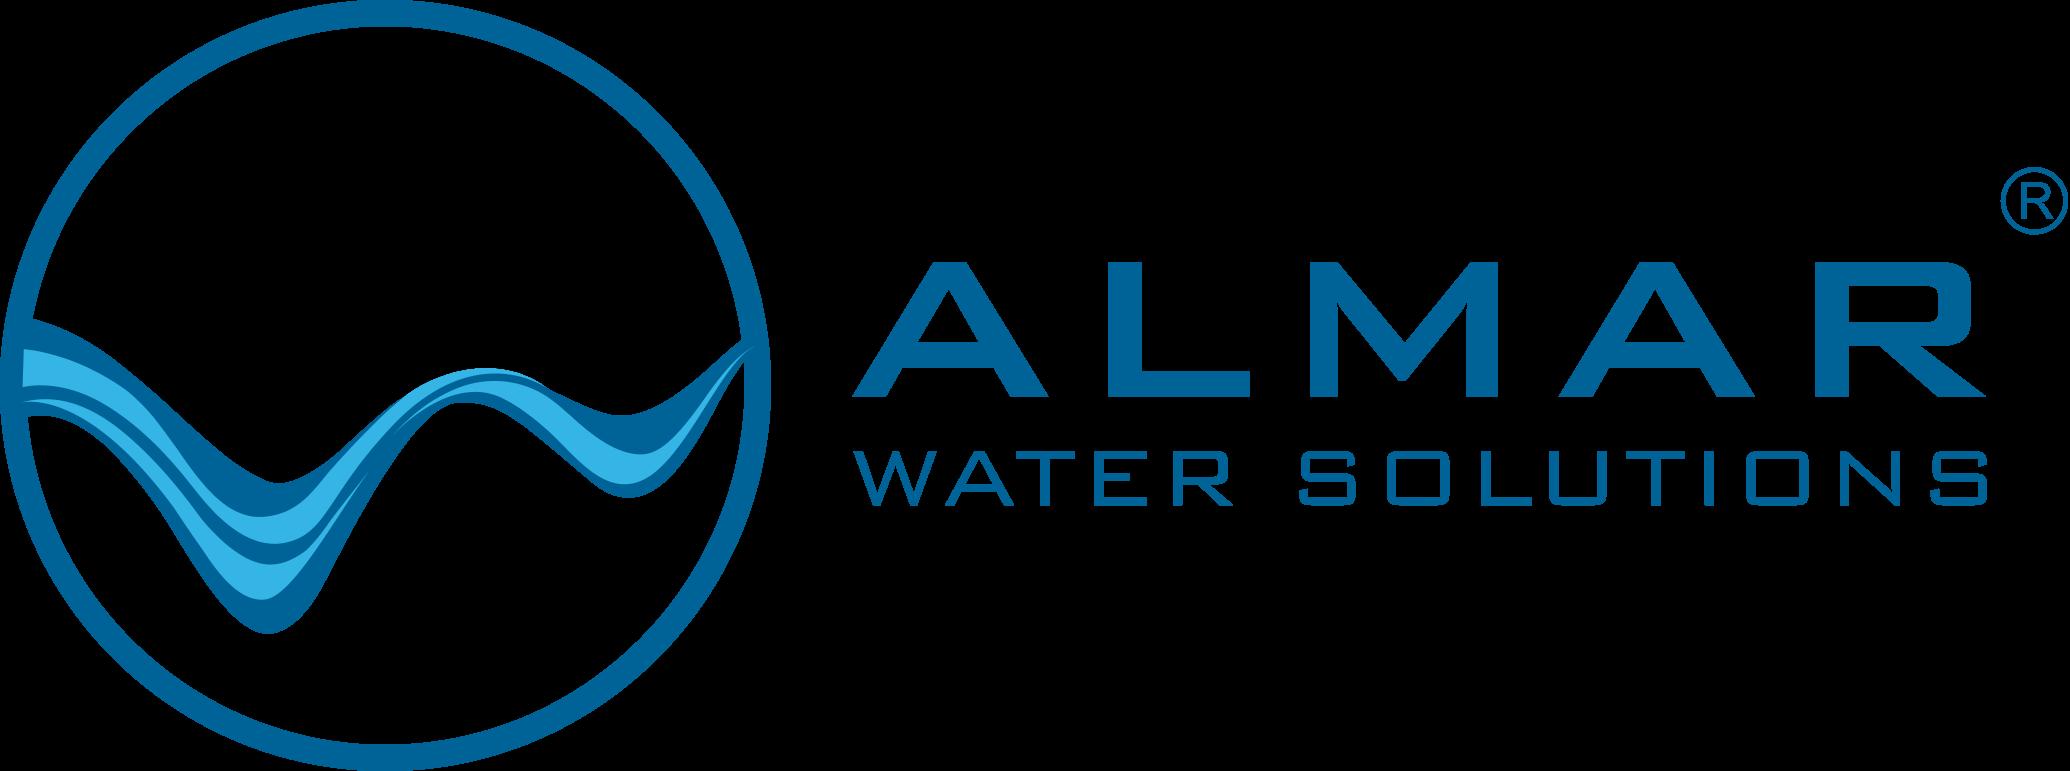 ALMAR WATER